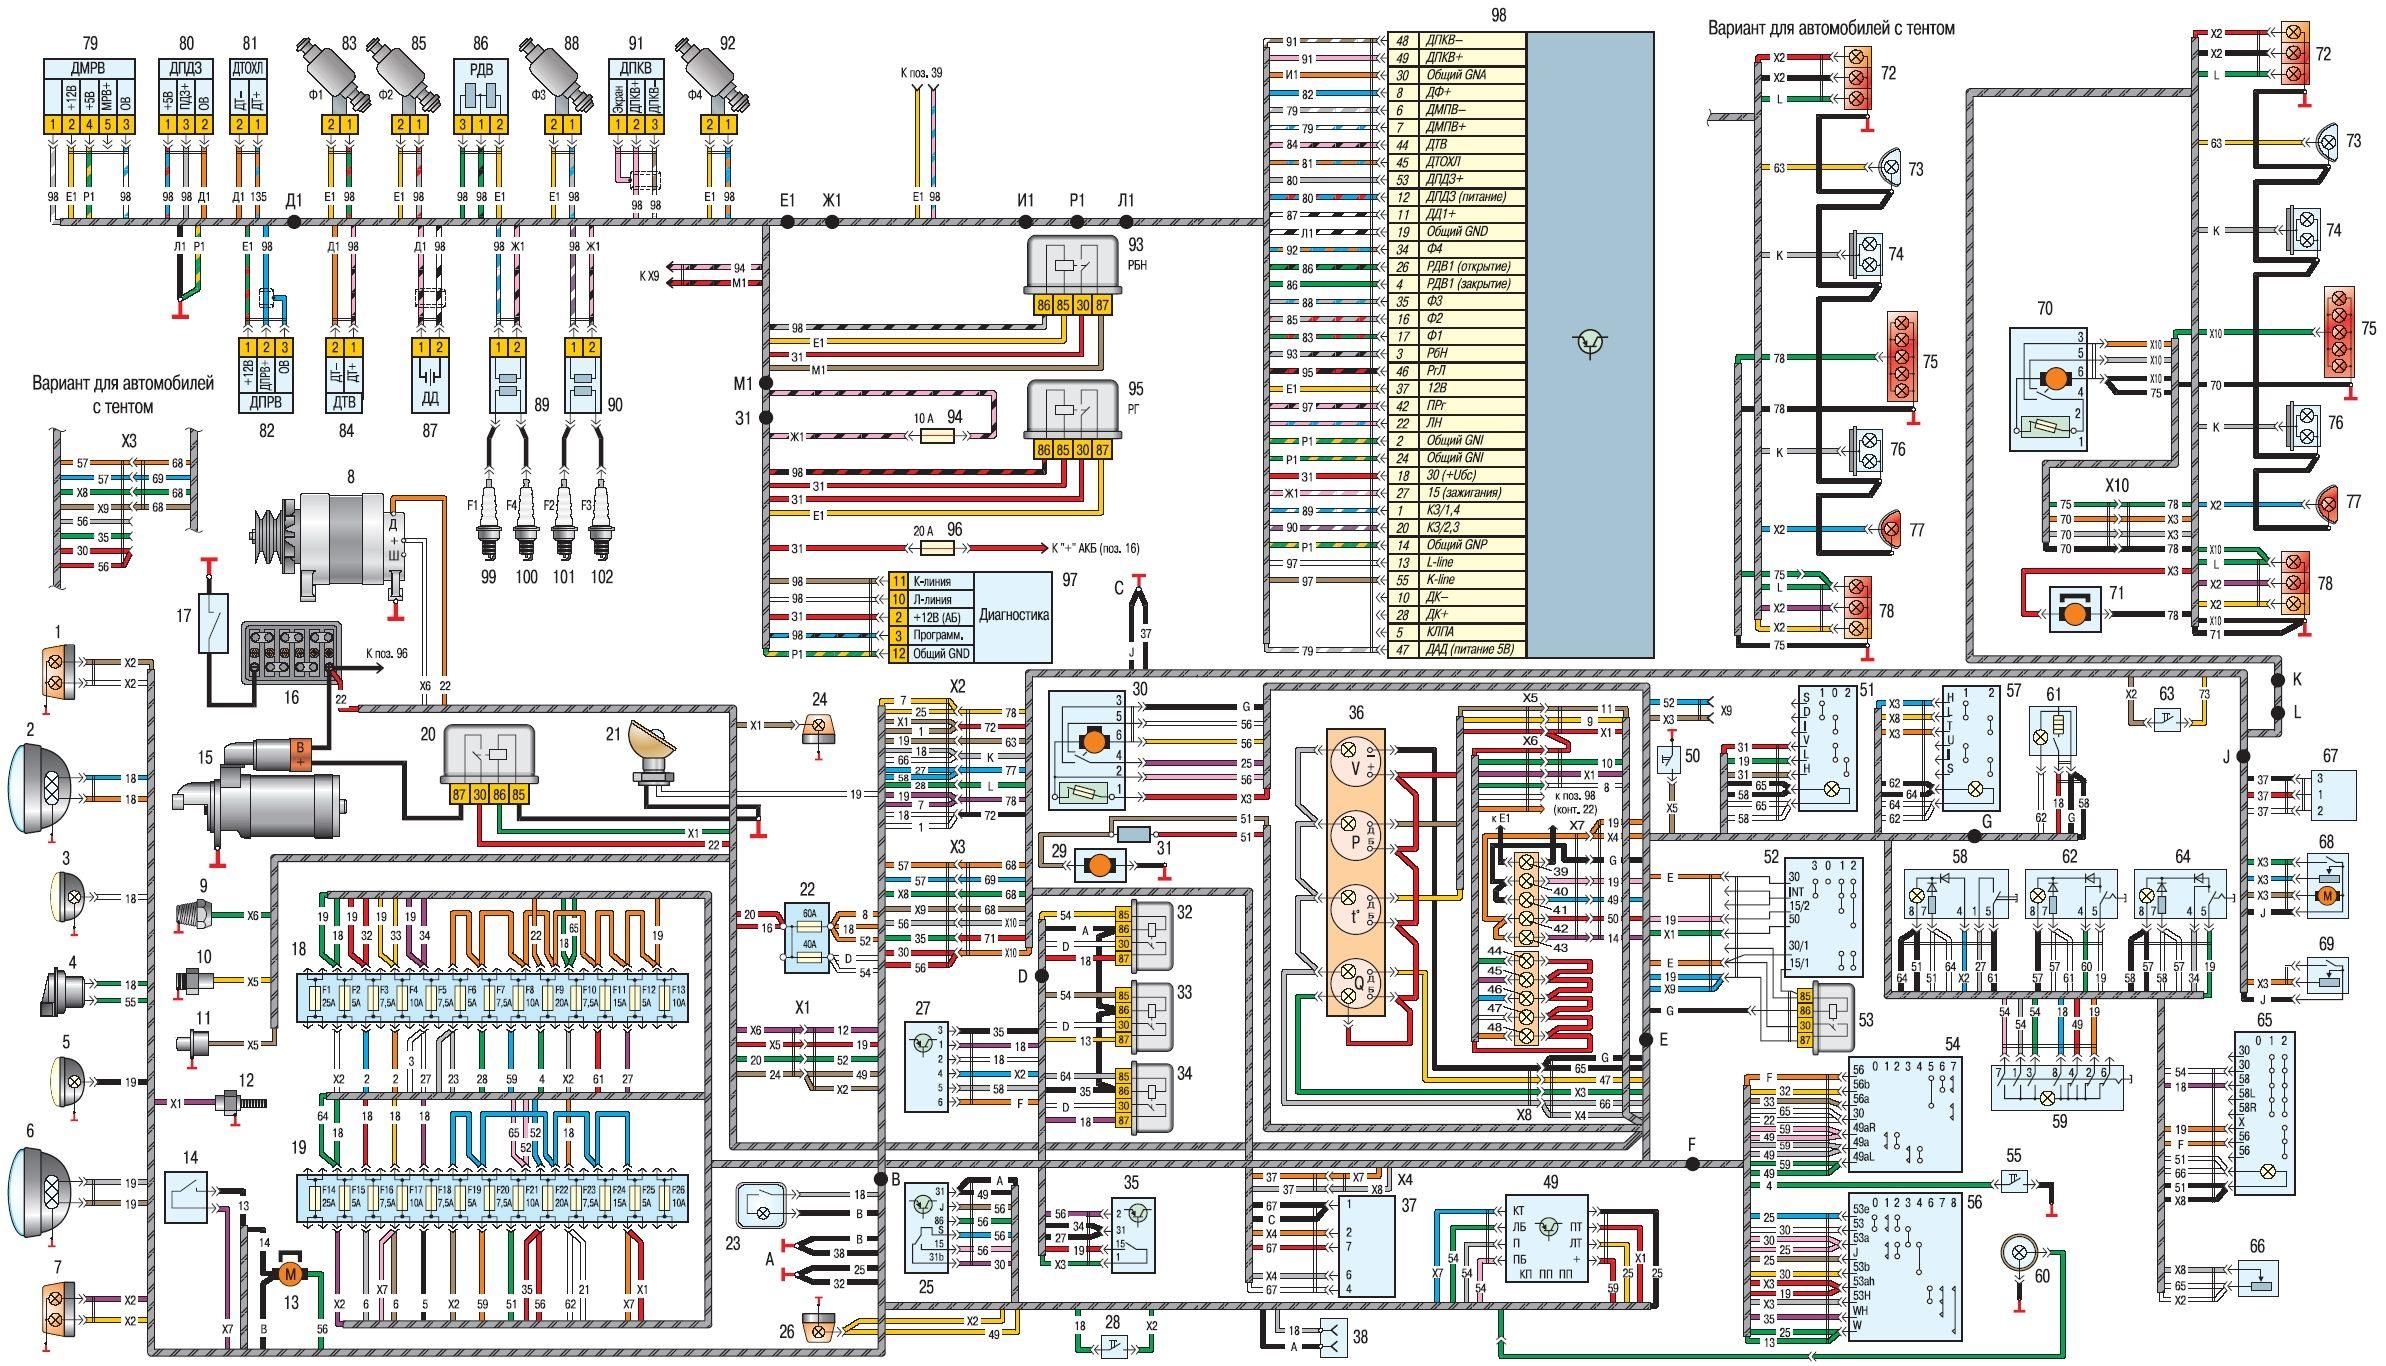 Электросхема проводки и оборудования Хантера